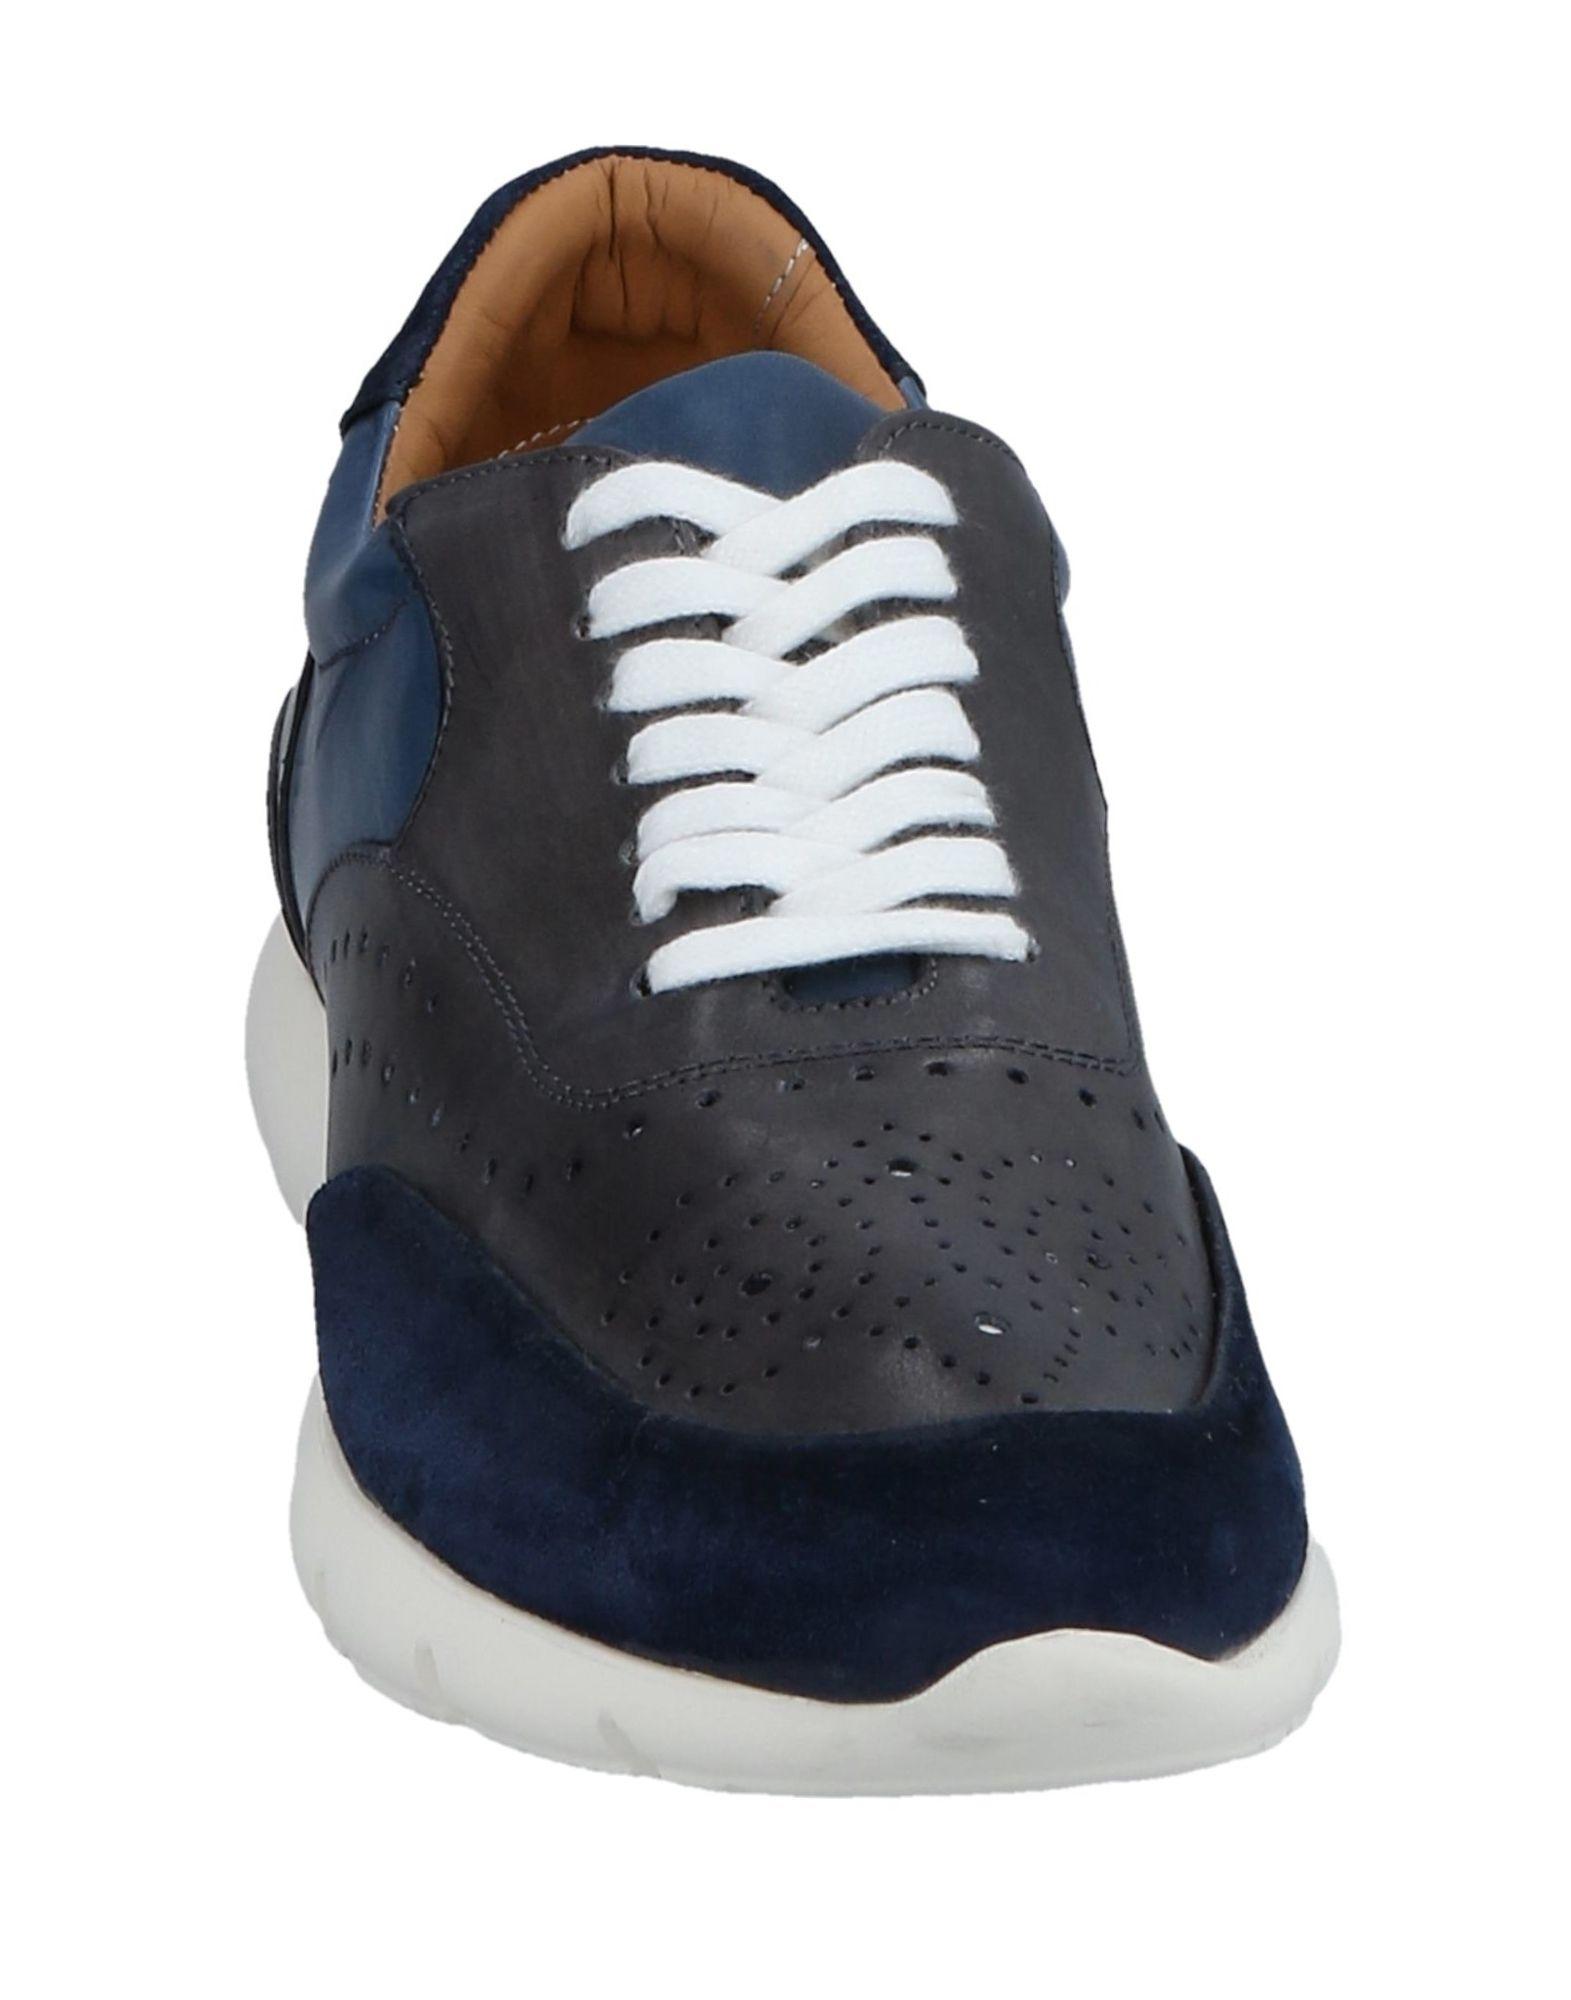 Rabatt echte  Schuhe Brecos Sneakers Herren  echte 11505098WI e6a4fa